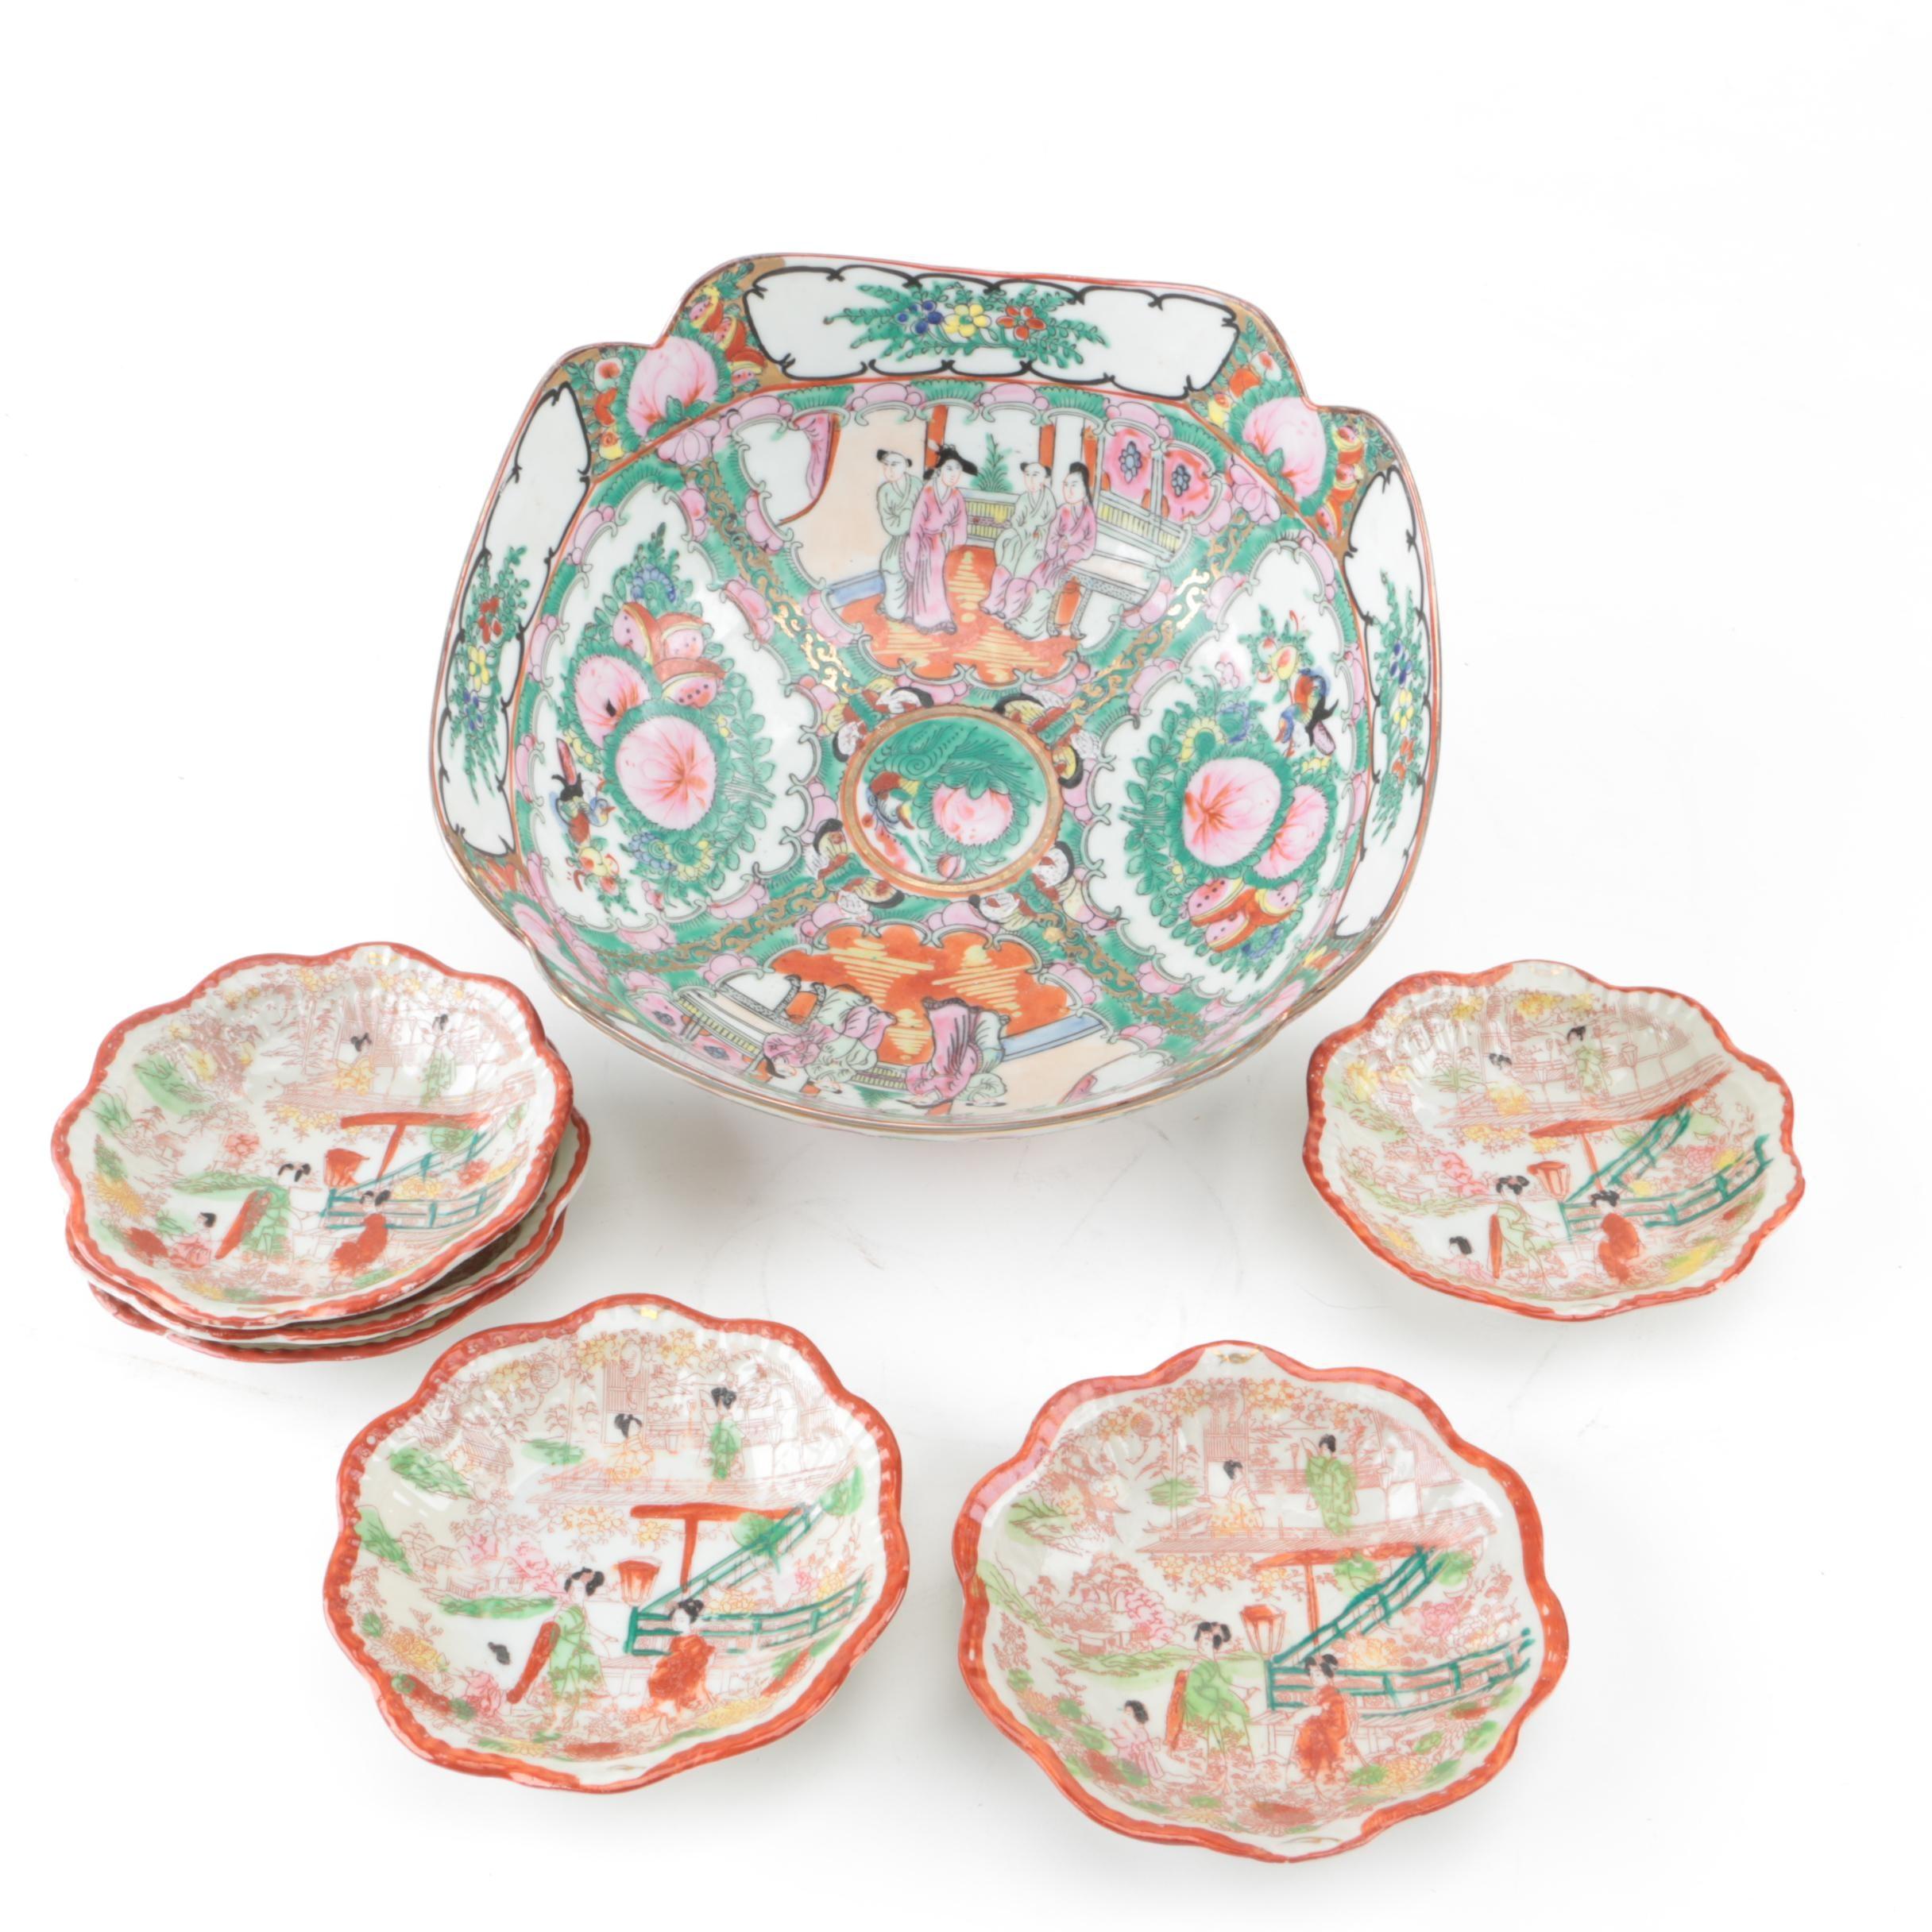 Vintage East Asian Porcelain Tableware